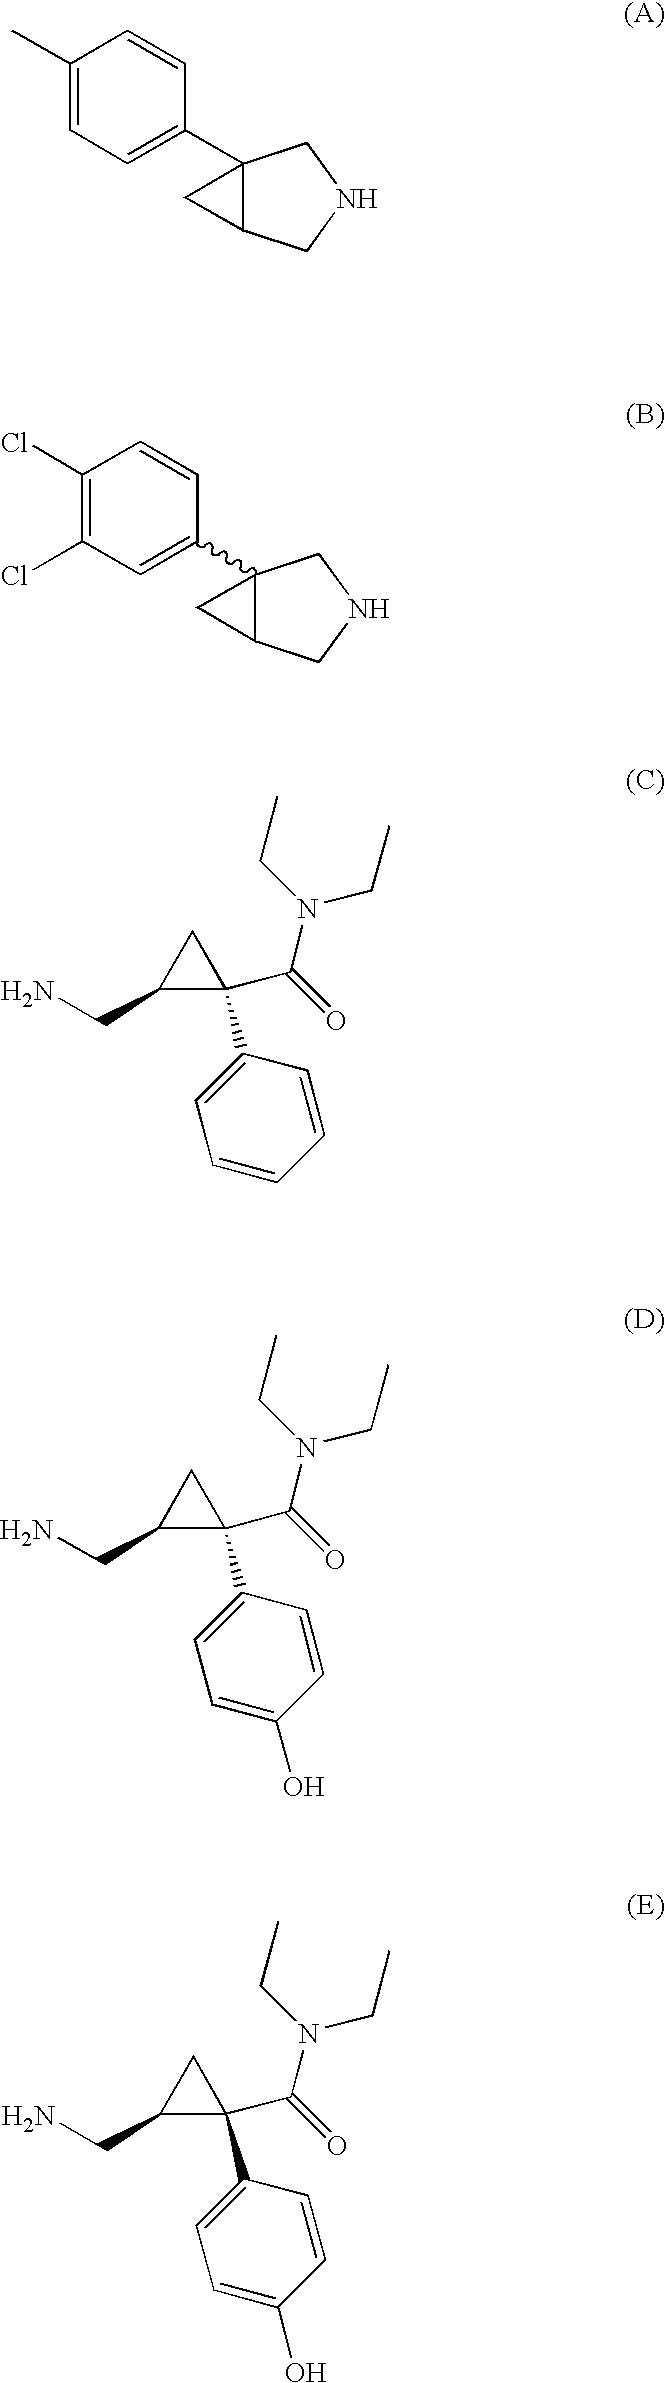 Figure US20050282859A1-20051222-C00020